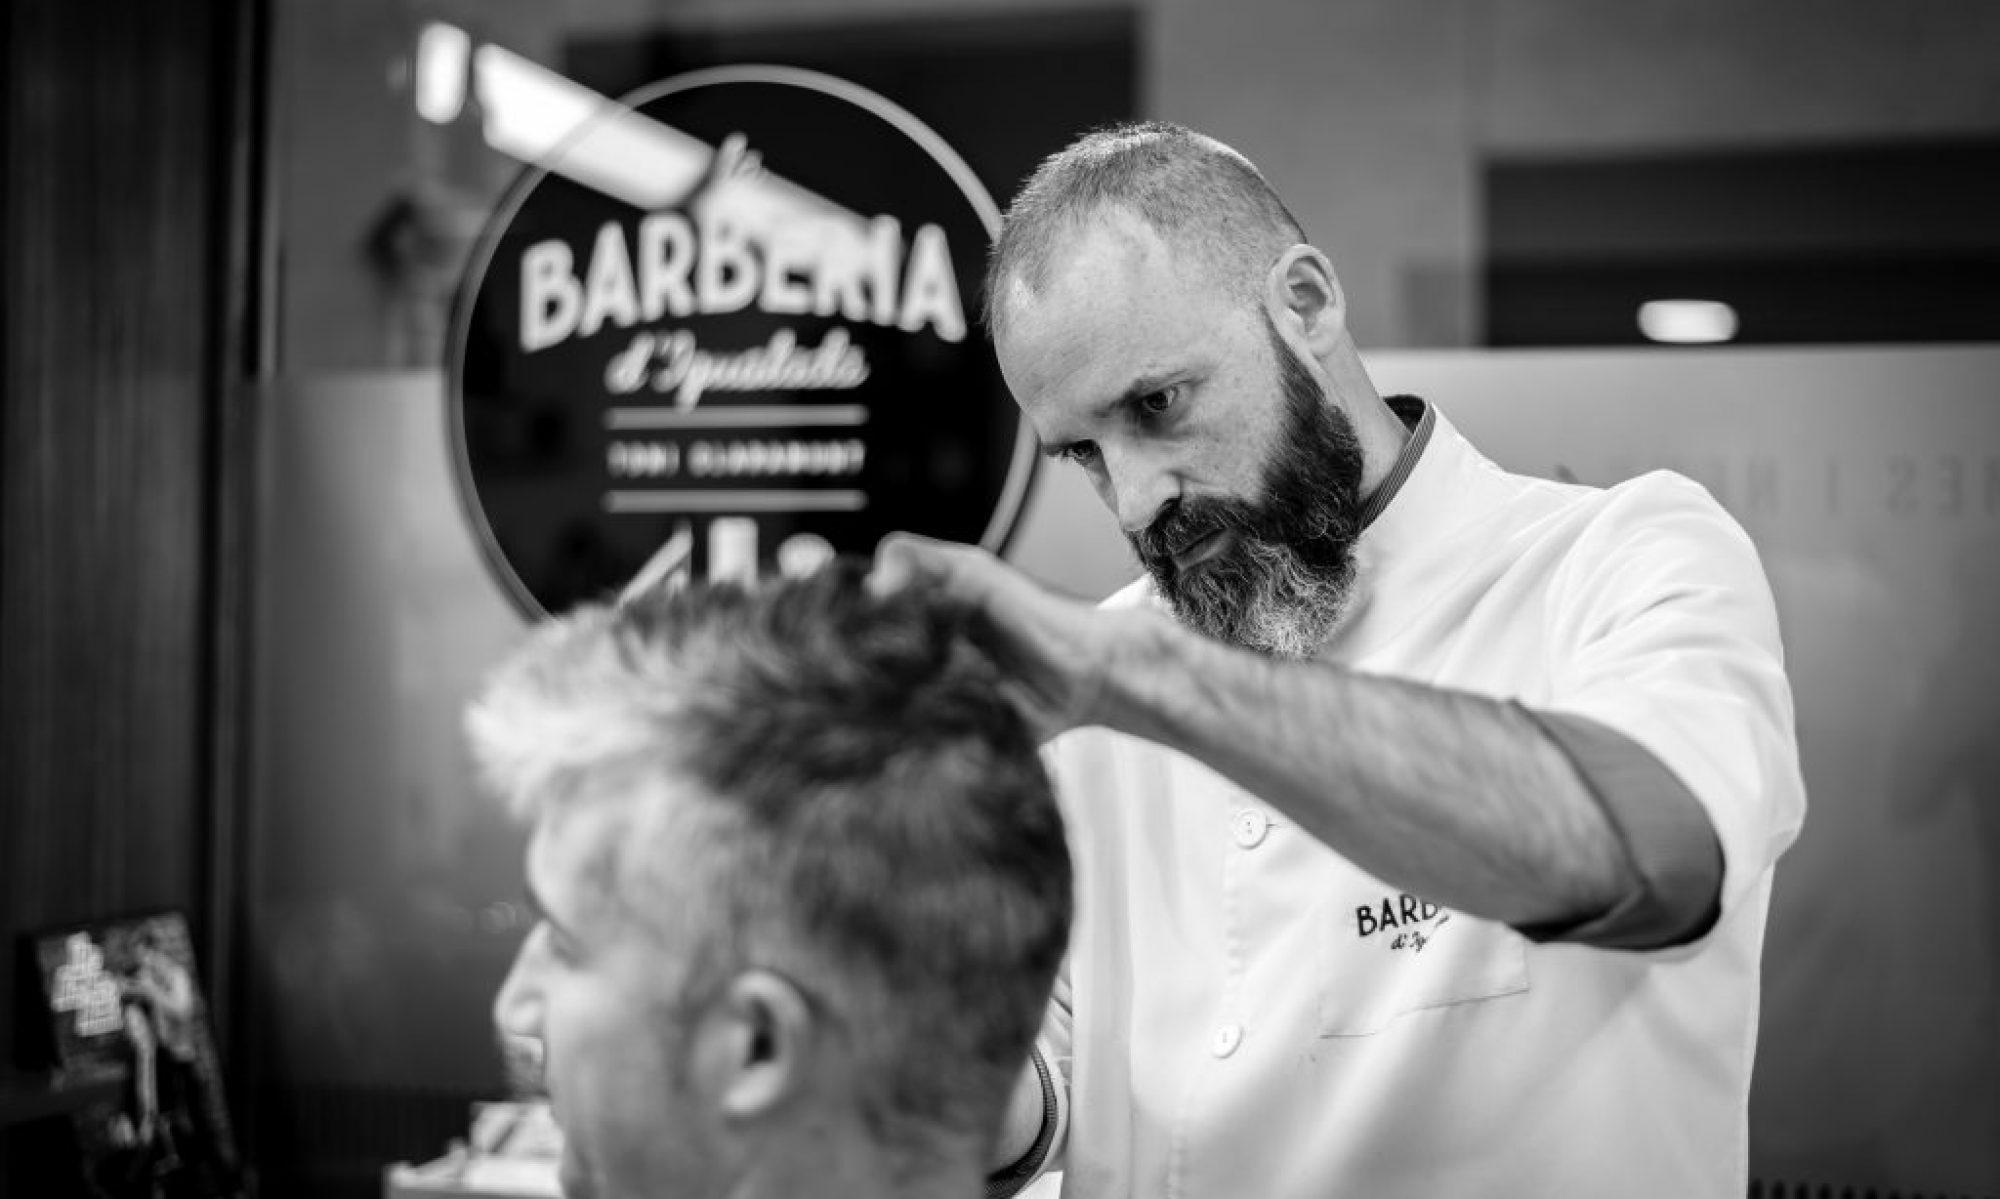 La Barberia d'Igualada